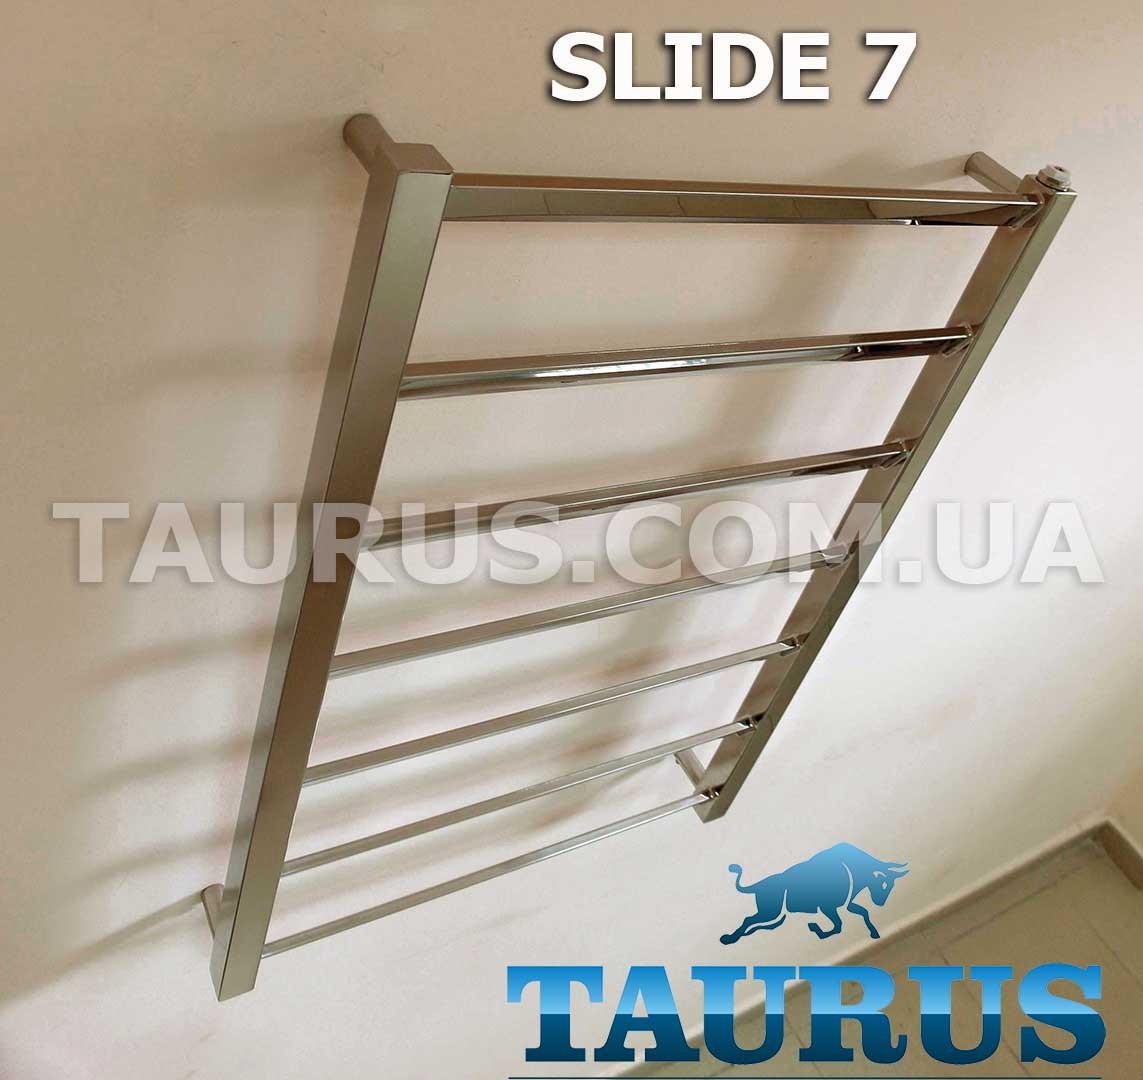 Узкий комбинированный полотенцесушитель Slide 7/400 мм из профильной нержавеющей стали. Перемычка под углом 30